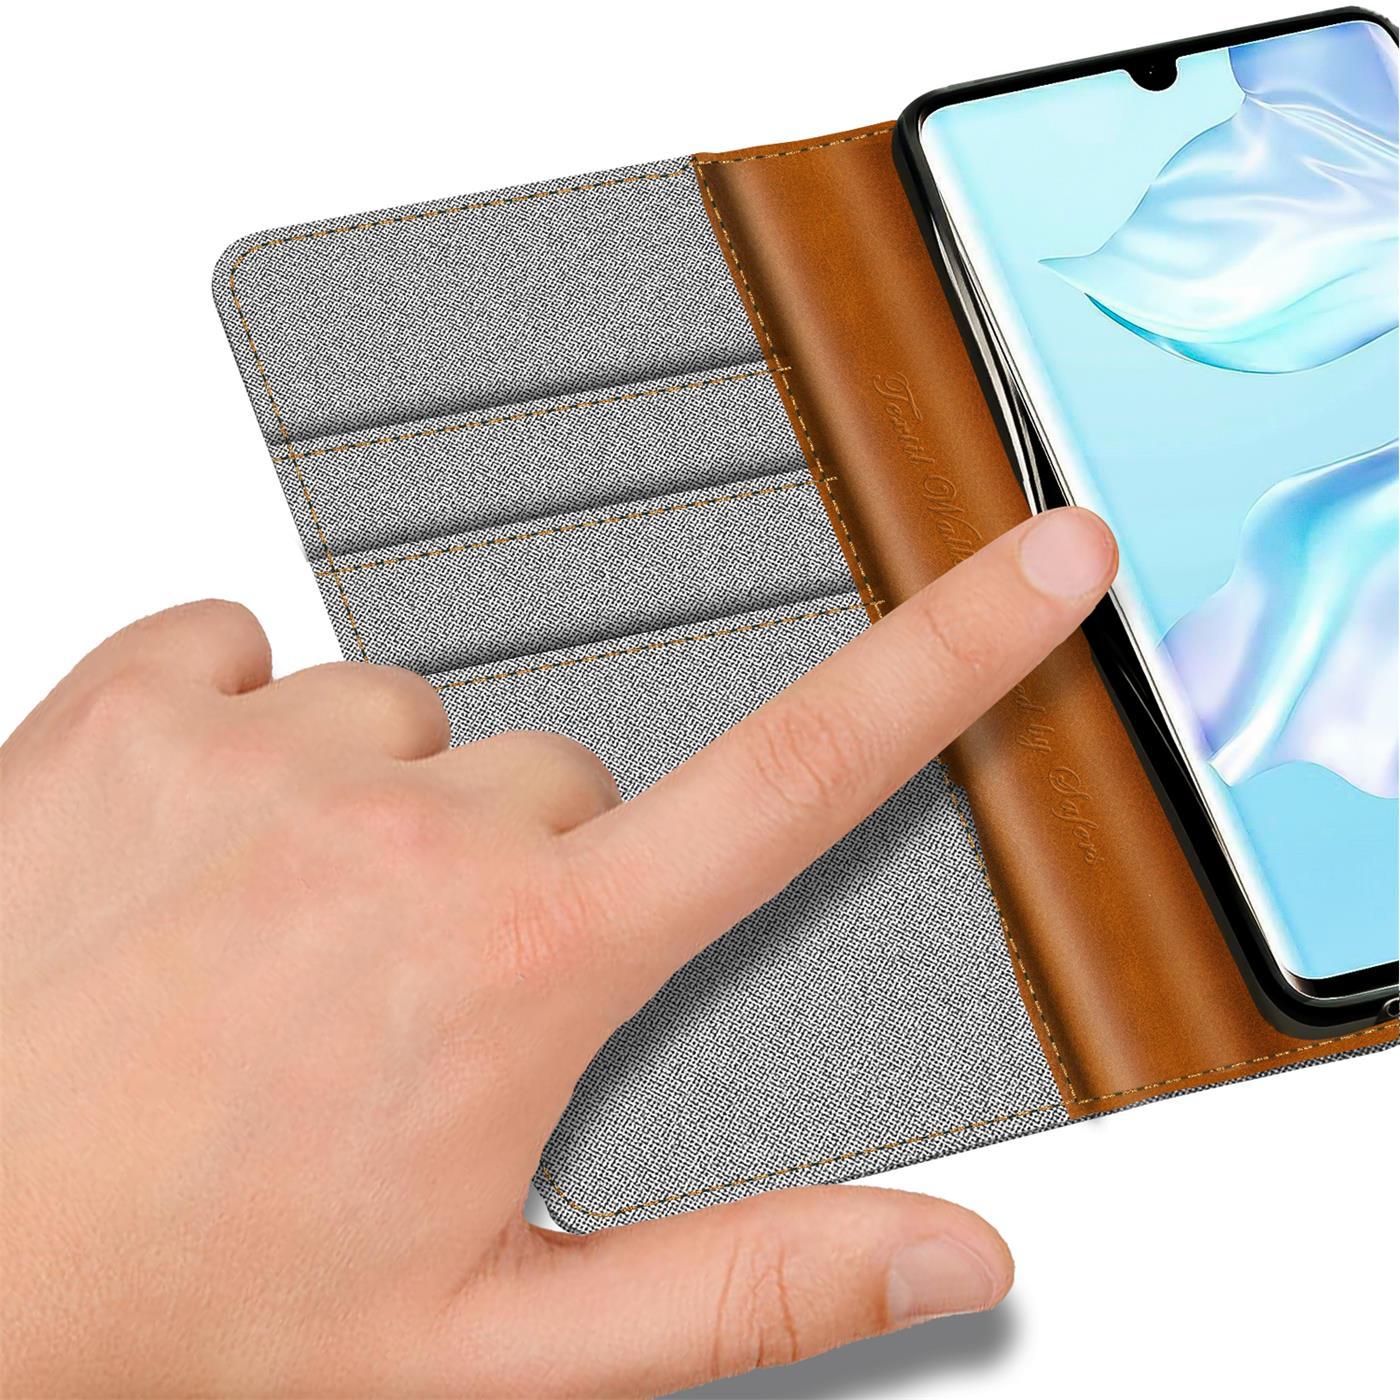 Schutzhuelle-Handy-Huelle-Flip-Case-Klapp-Tasche-Book-Case-Cover-Handyhuelle-Etui Indexbild 26